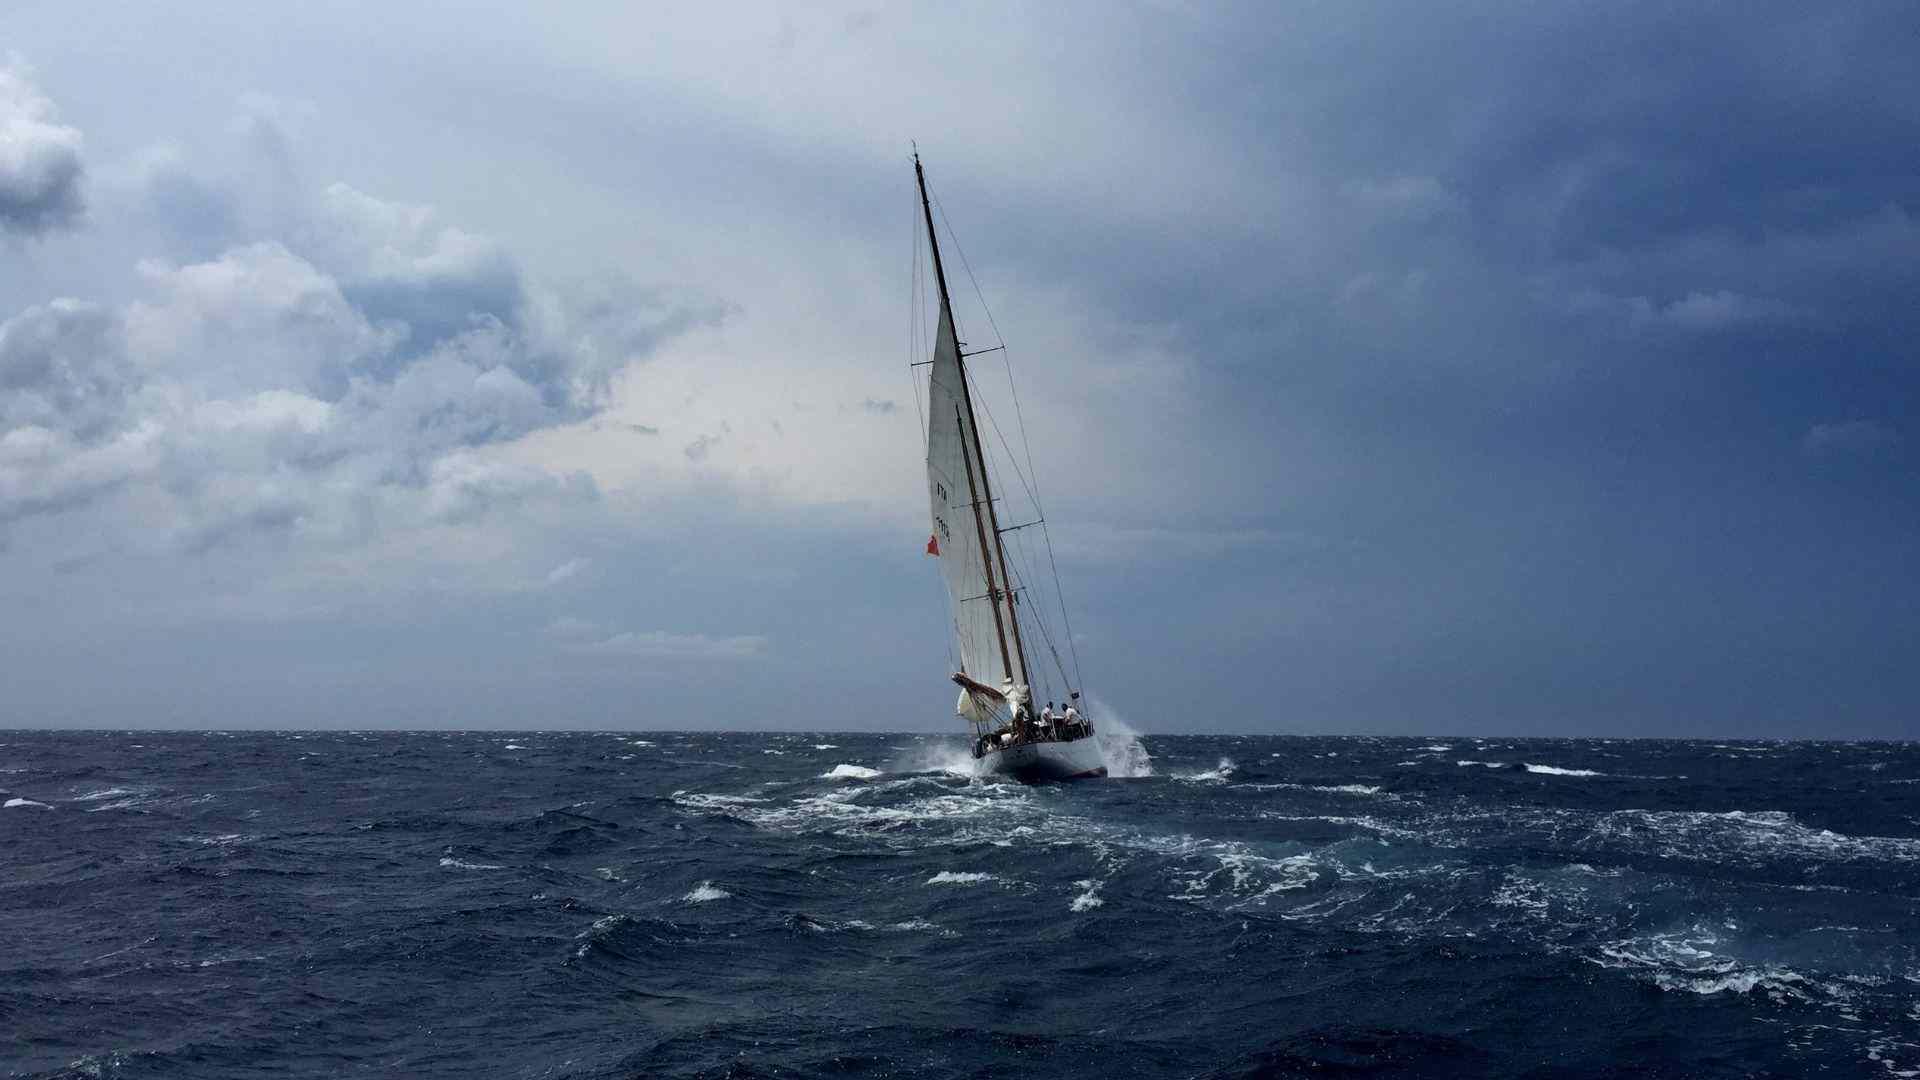 Sailing shipping